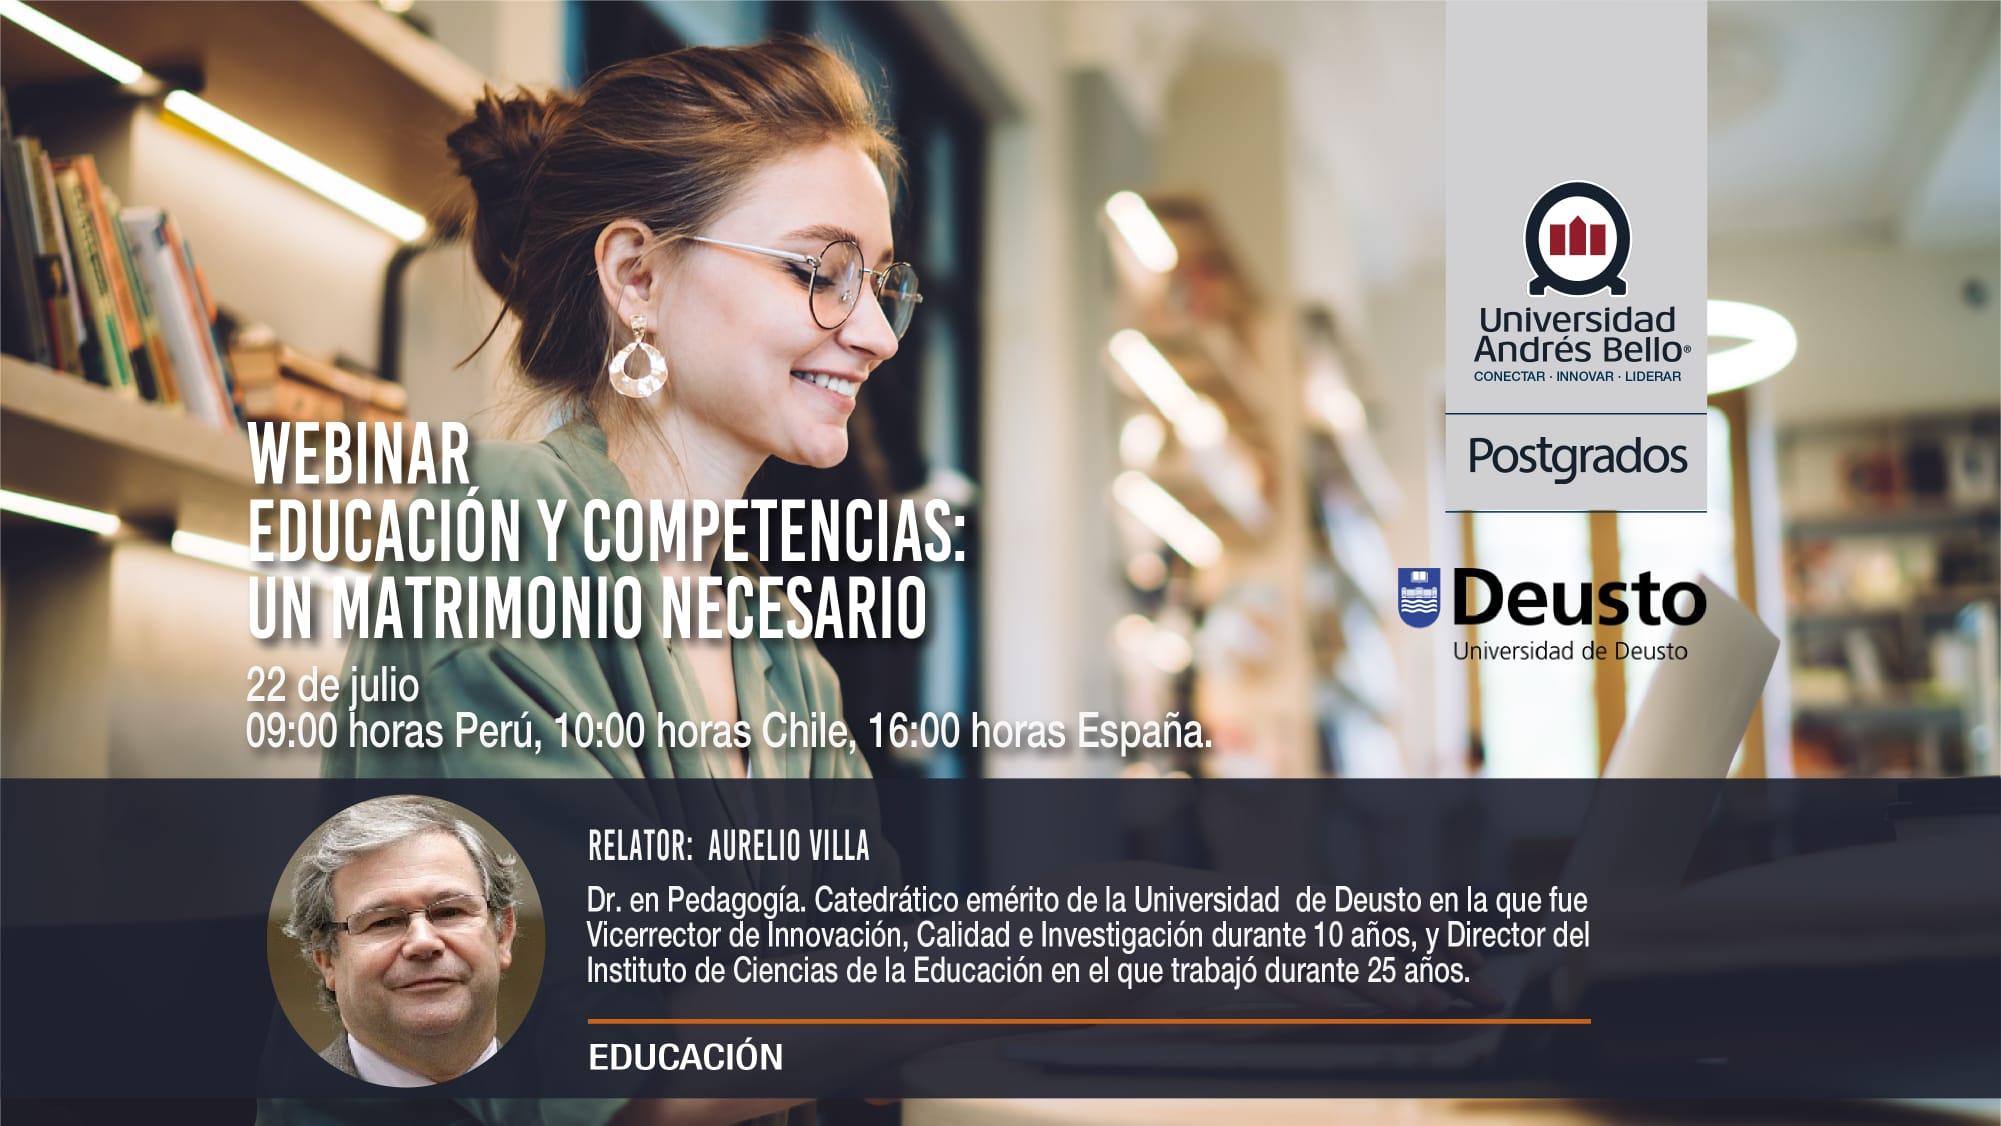 webinar-educacion-y-competencias